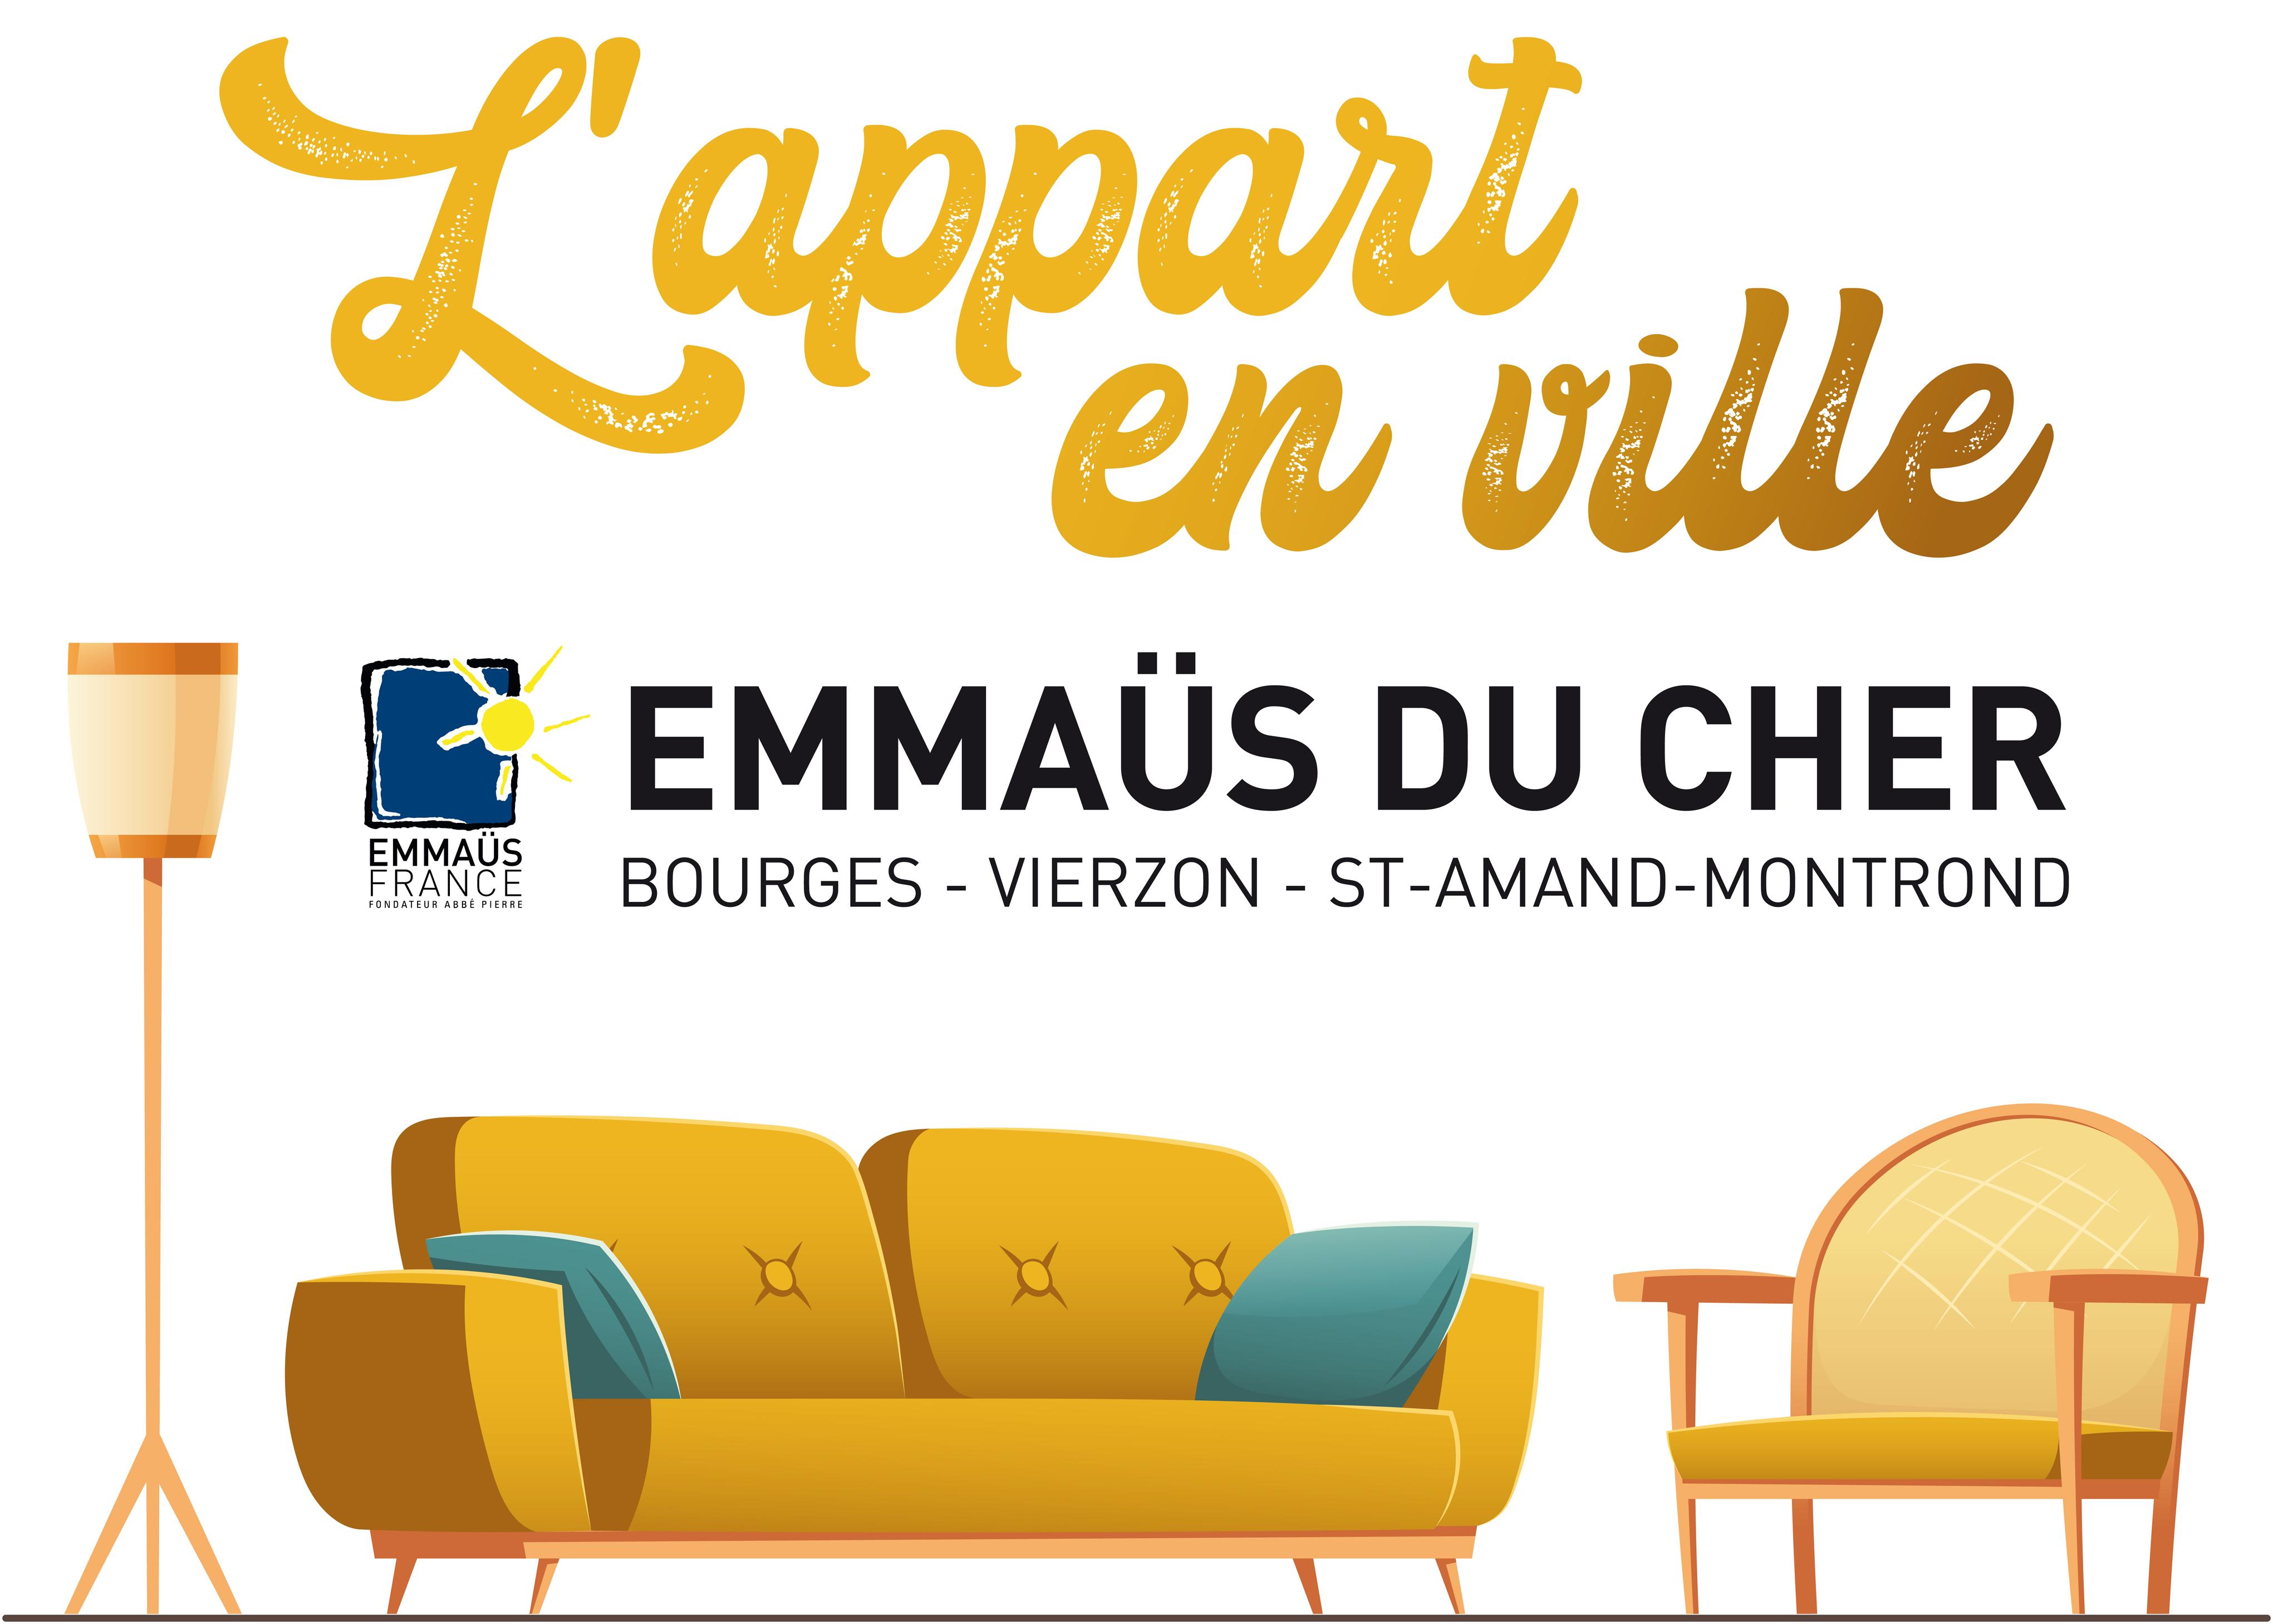 Emmaüs du Cher   Bourges, Vierzon, St Amand Montrond   Accueil